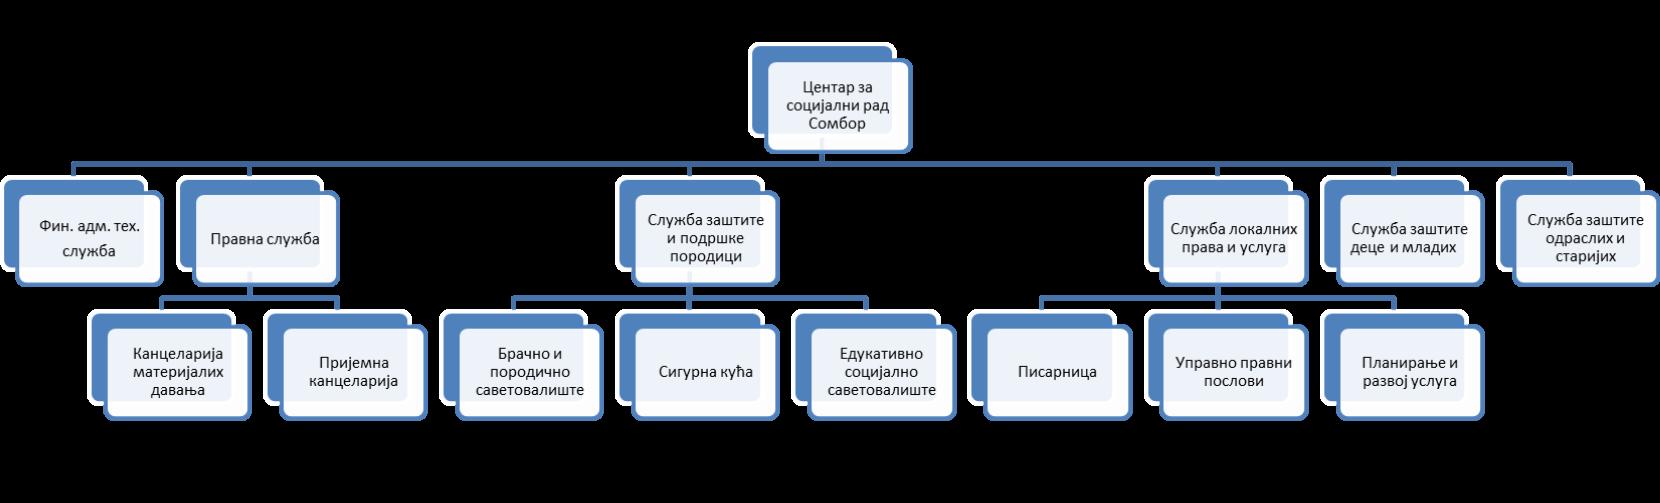 Организација Центра за социјални рад Сомбор